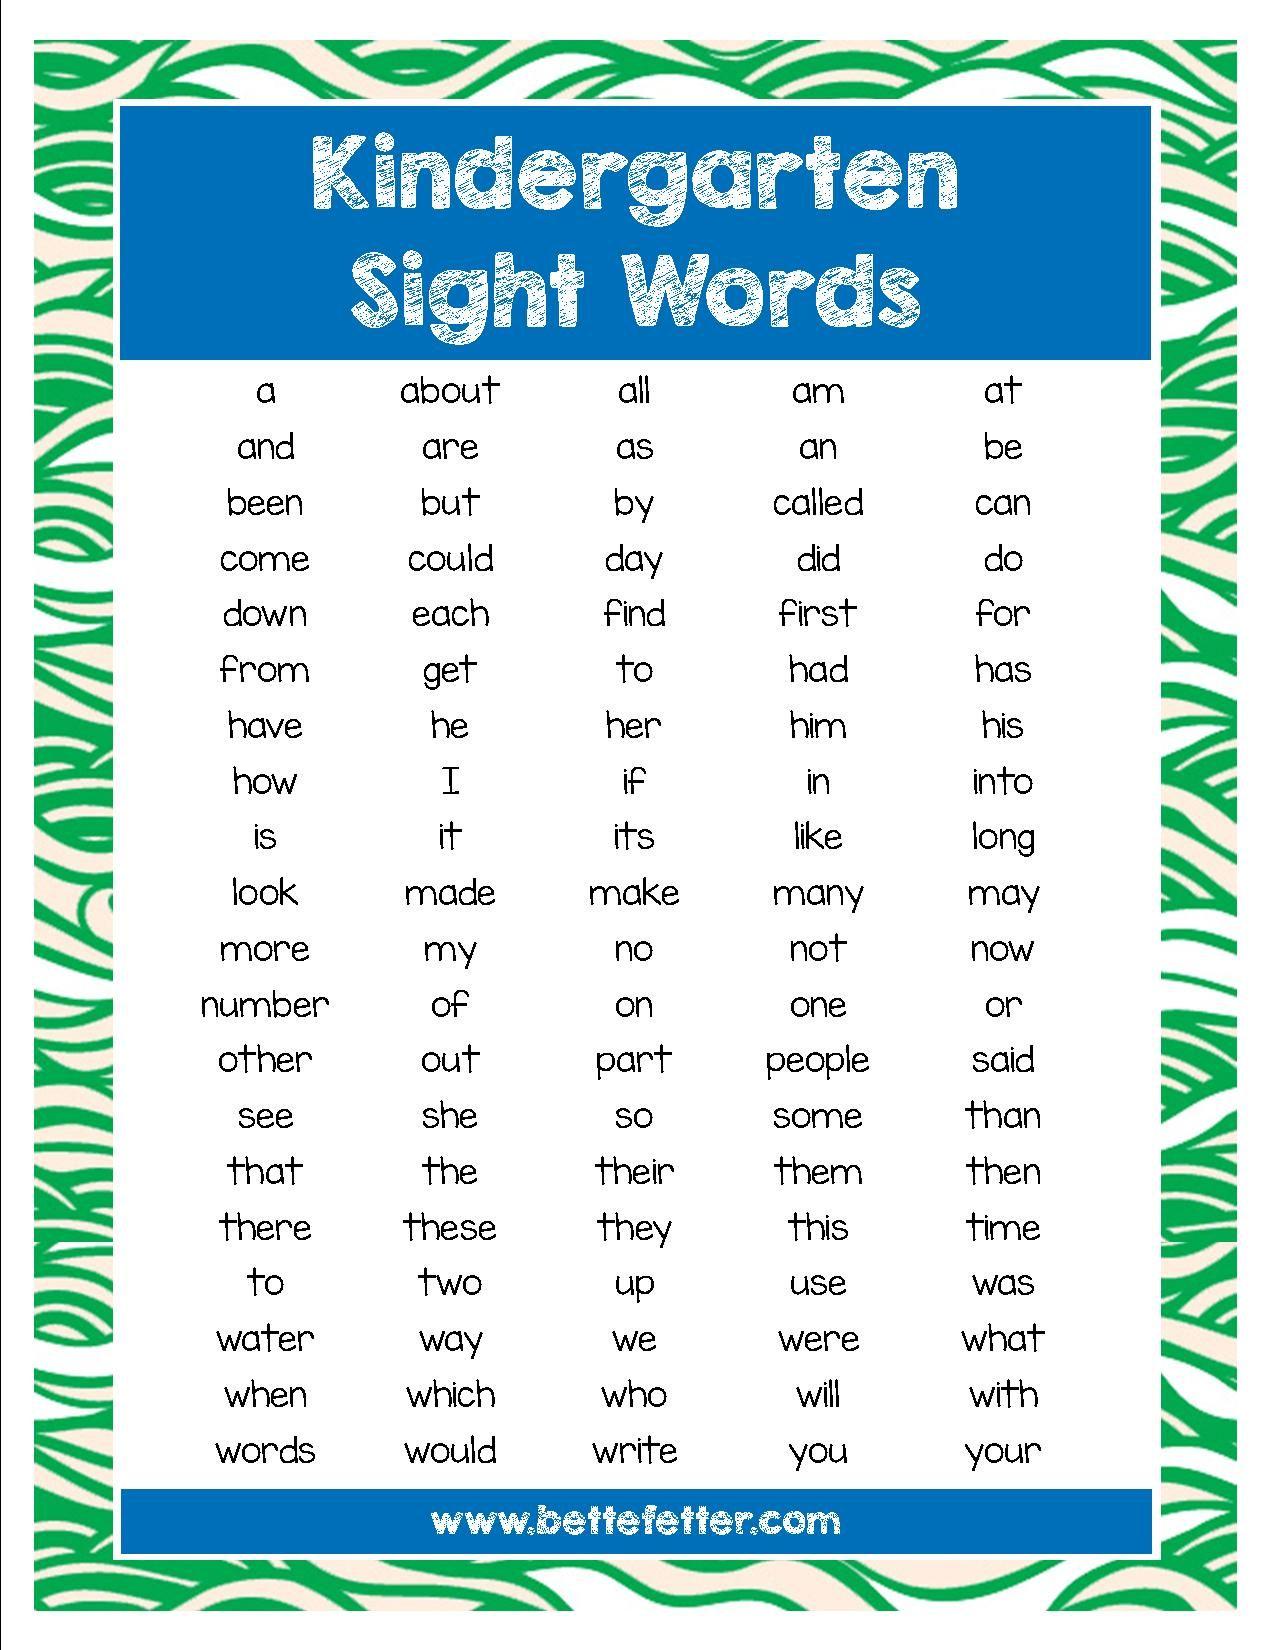 100 Sight Words Your Kindergartner Or First Grader Should